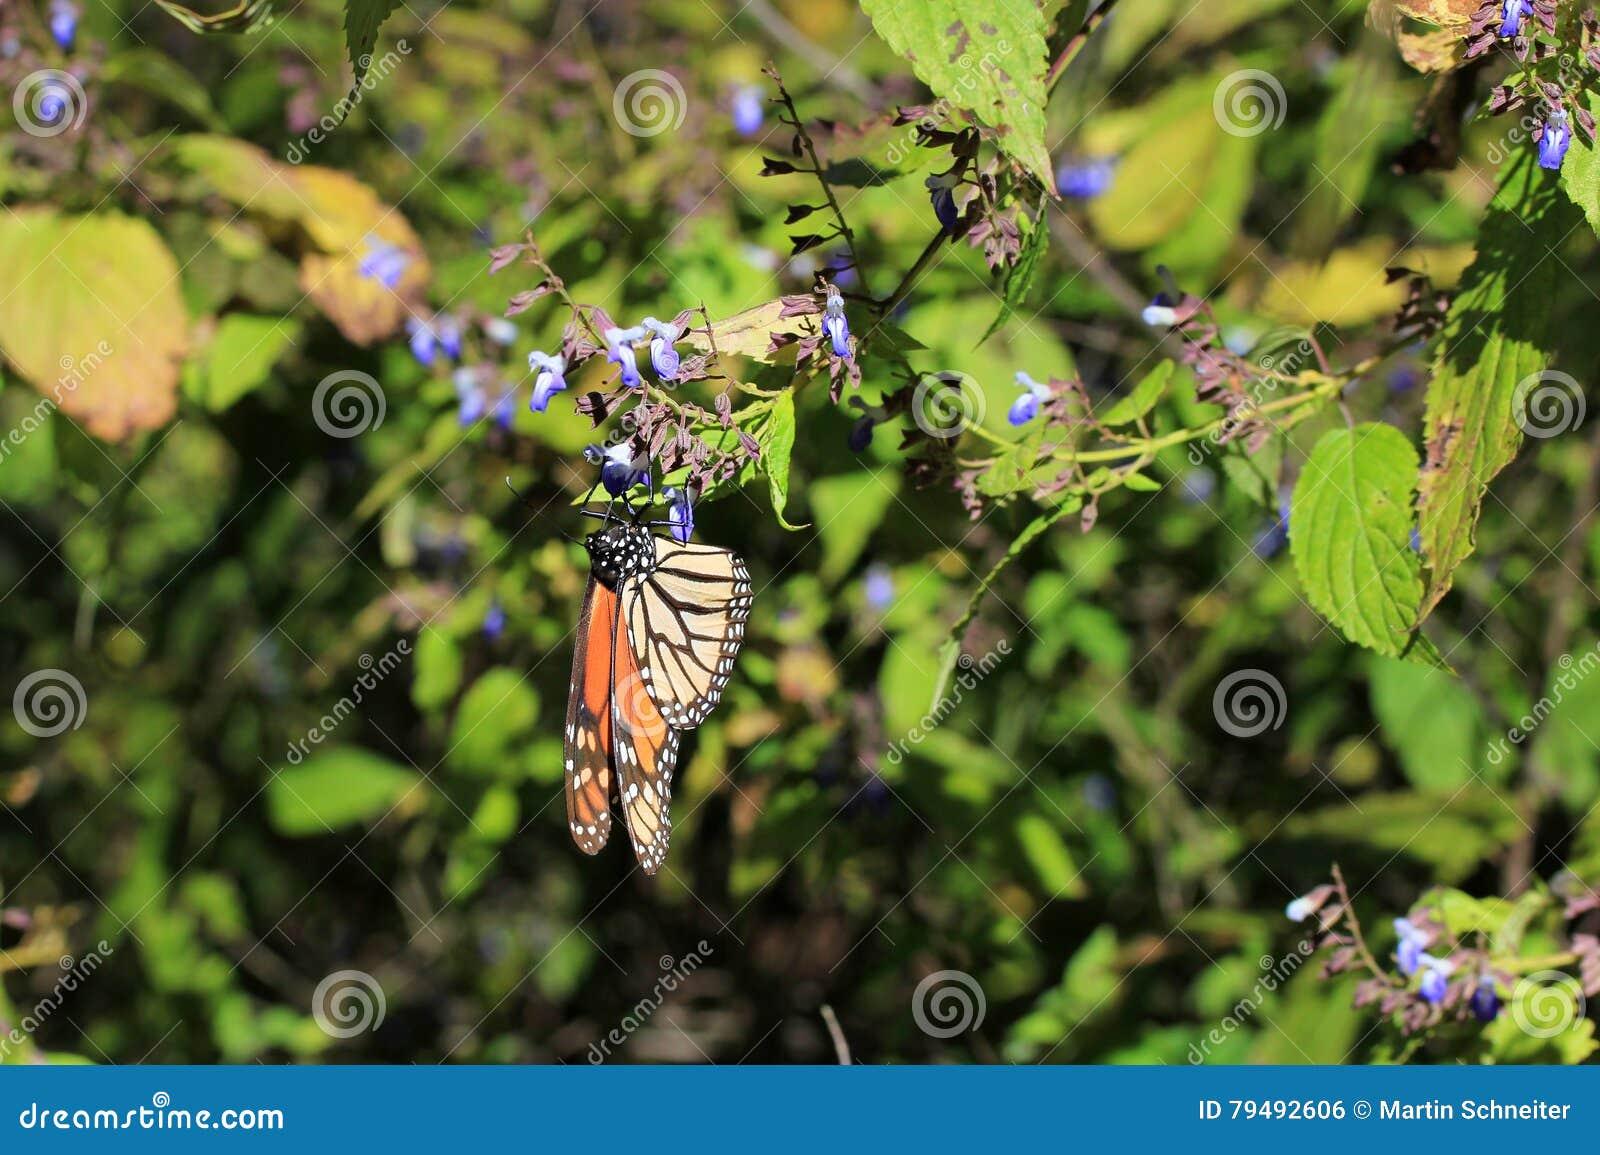 黑脉金斑蝶,米却肯州,墨西哥